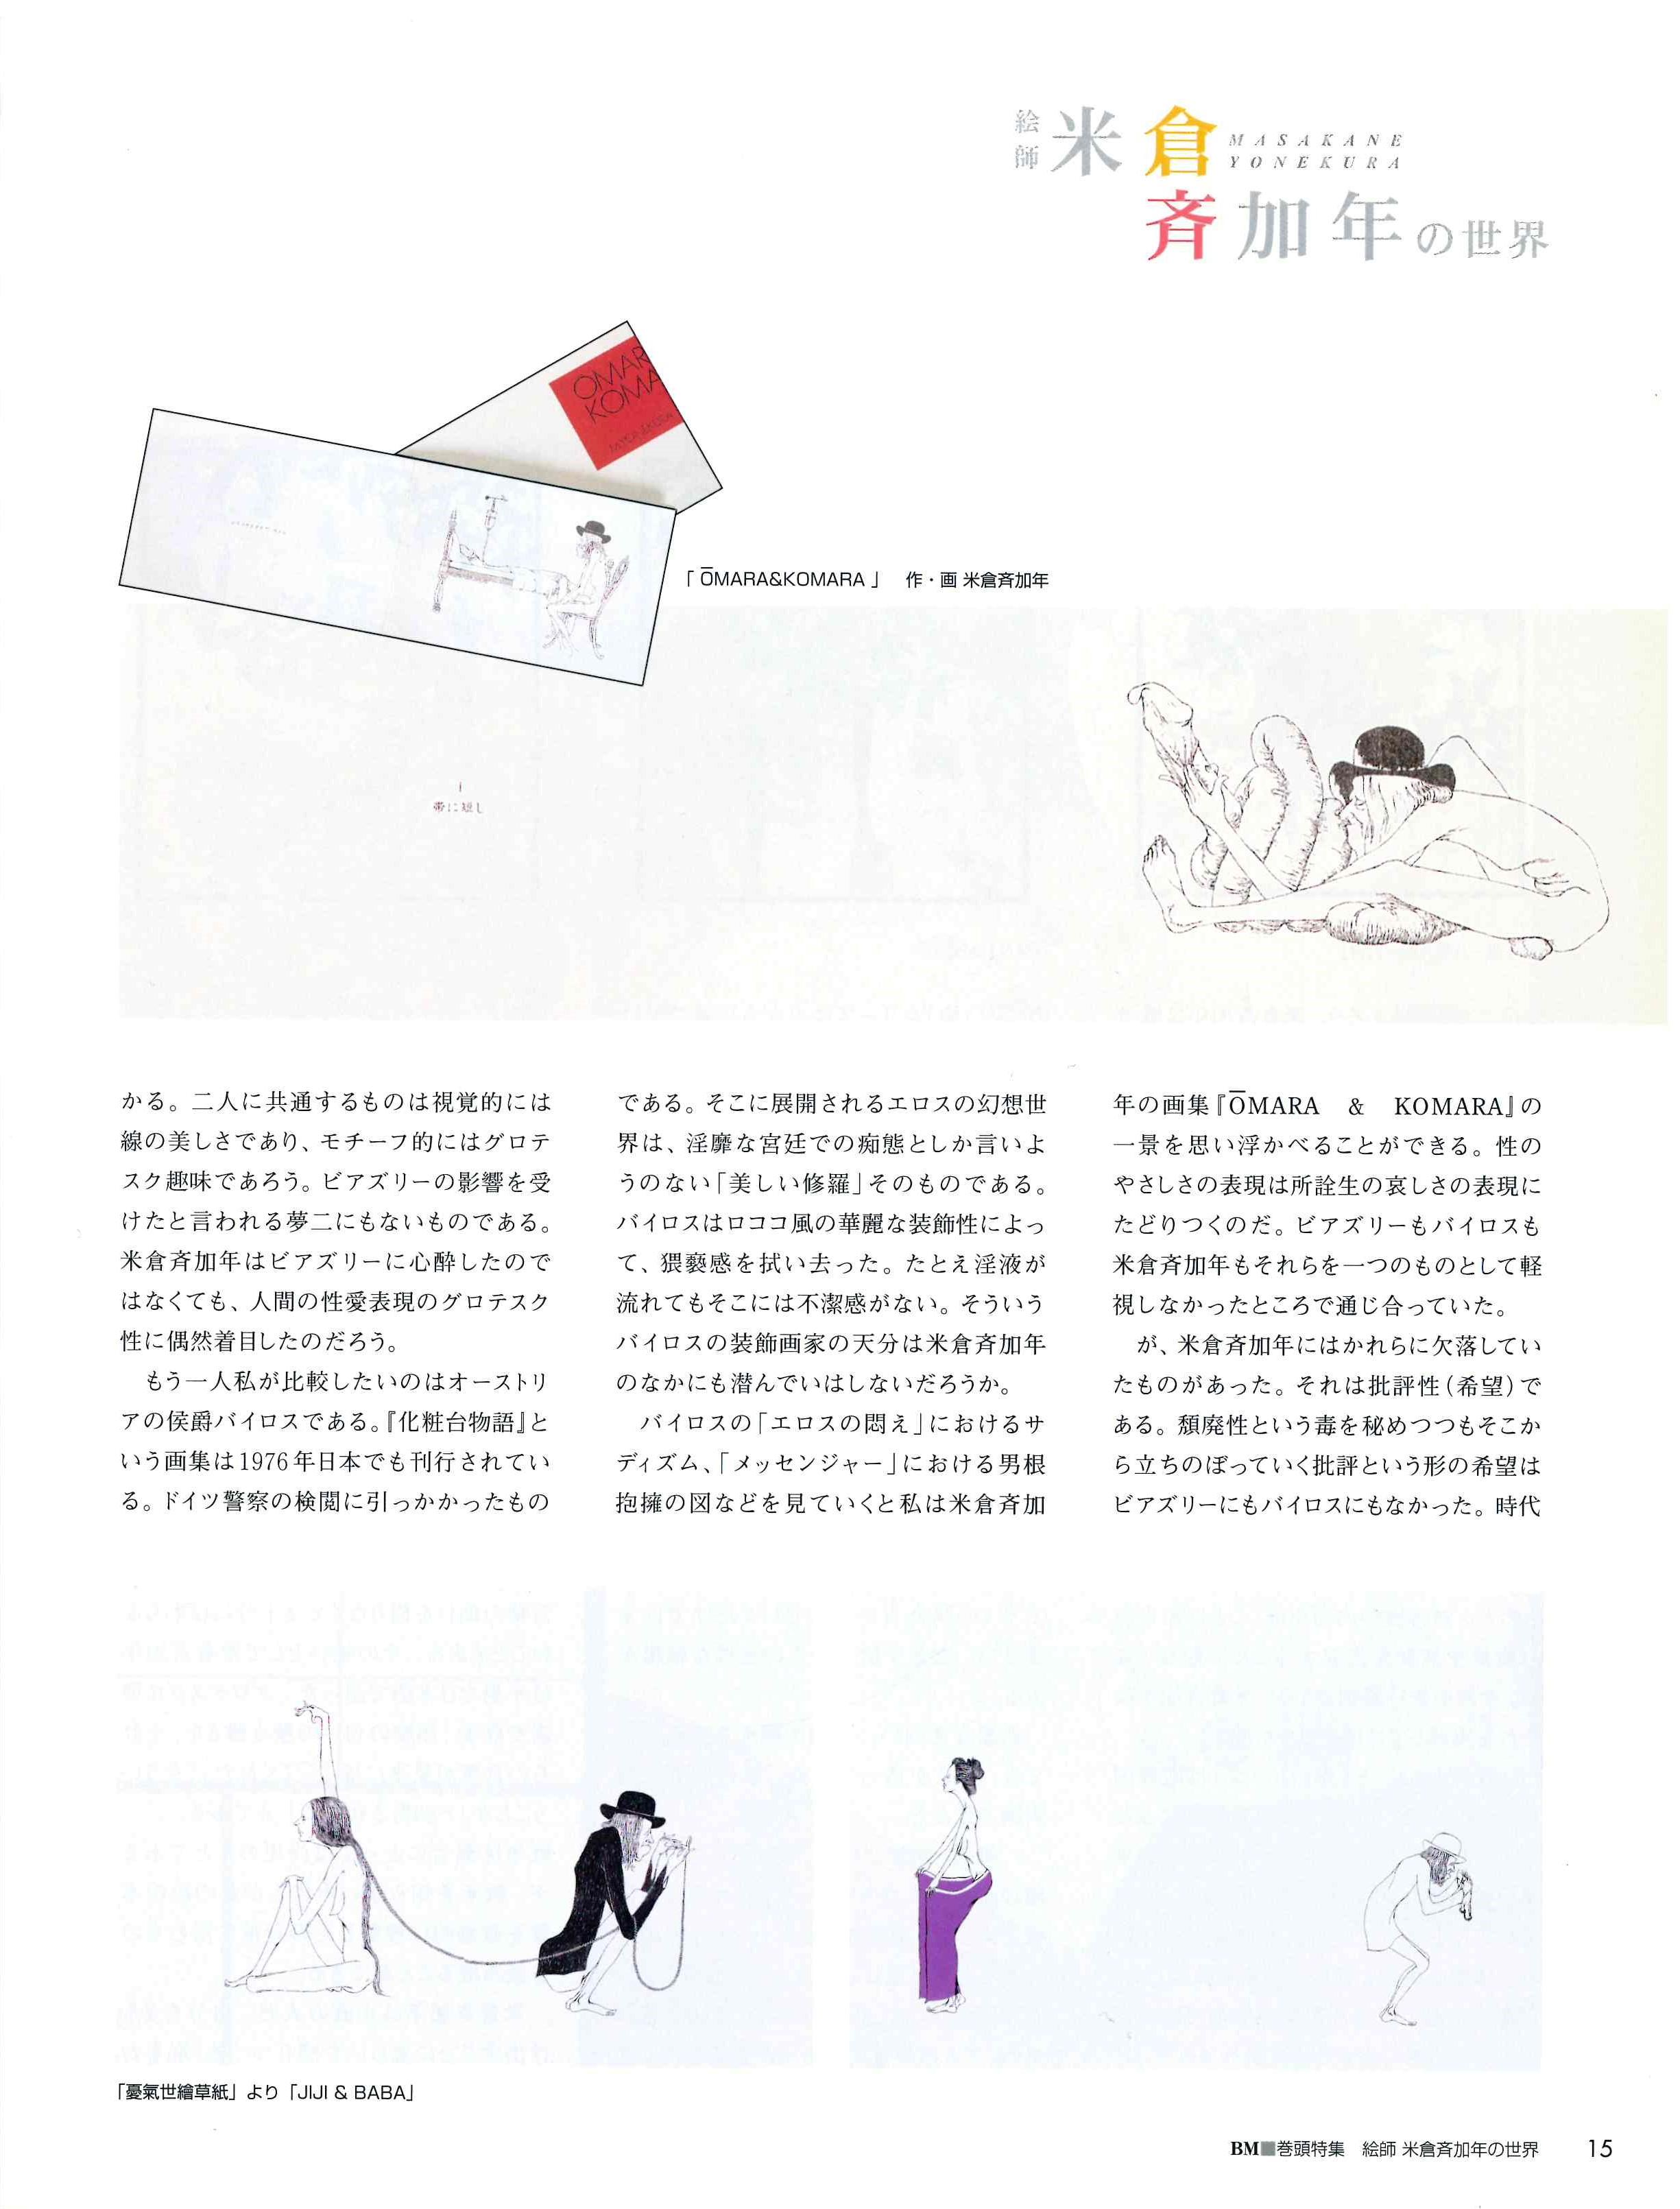 BM-美術の杜 vol.10 | 2006.10 - 11